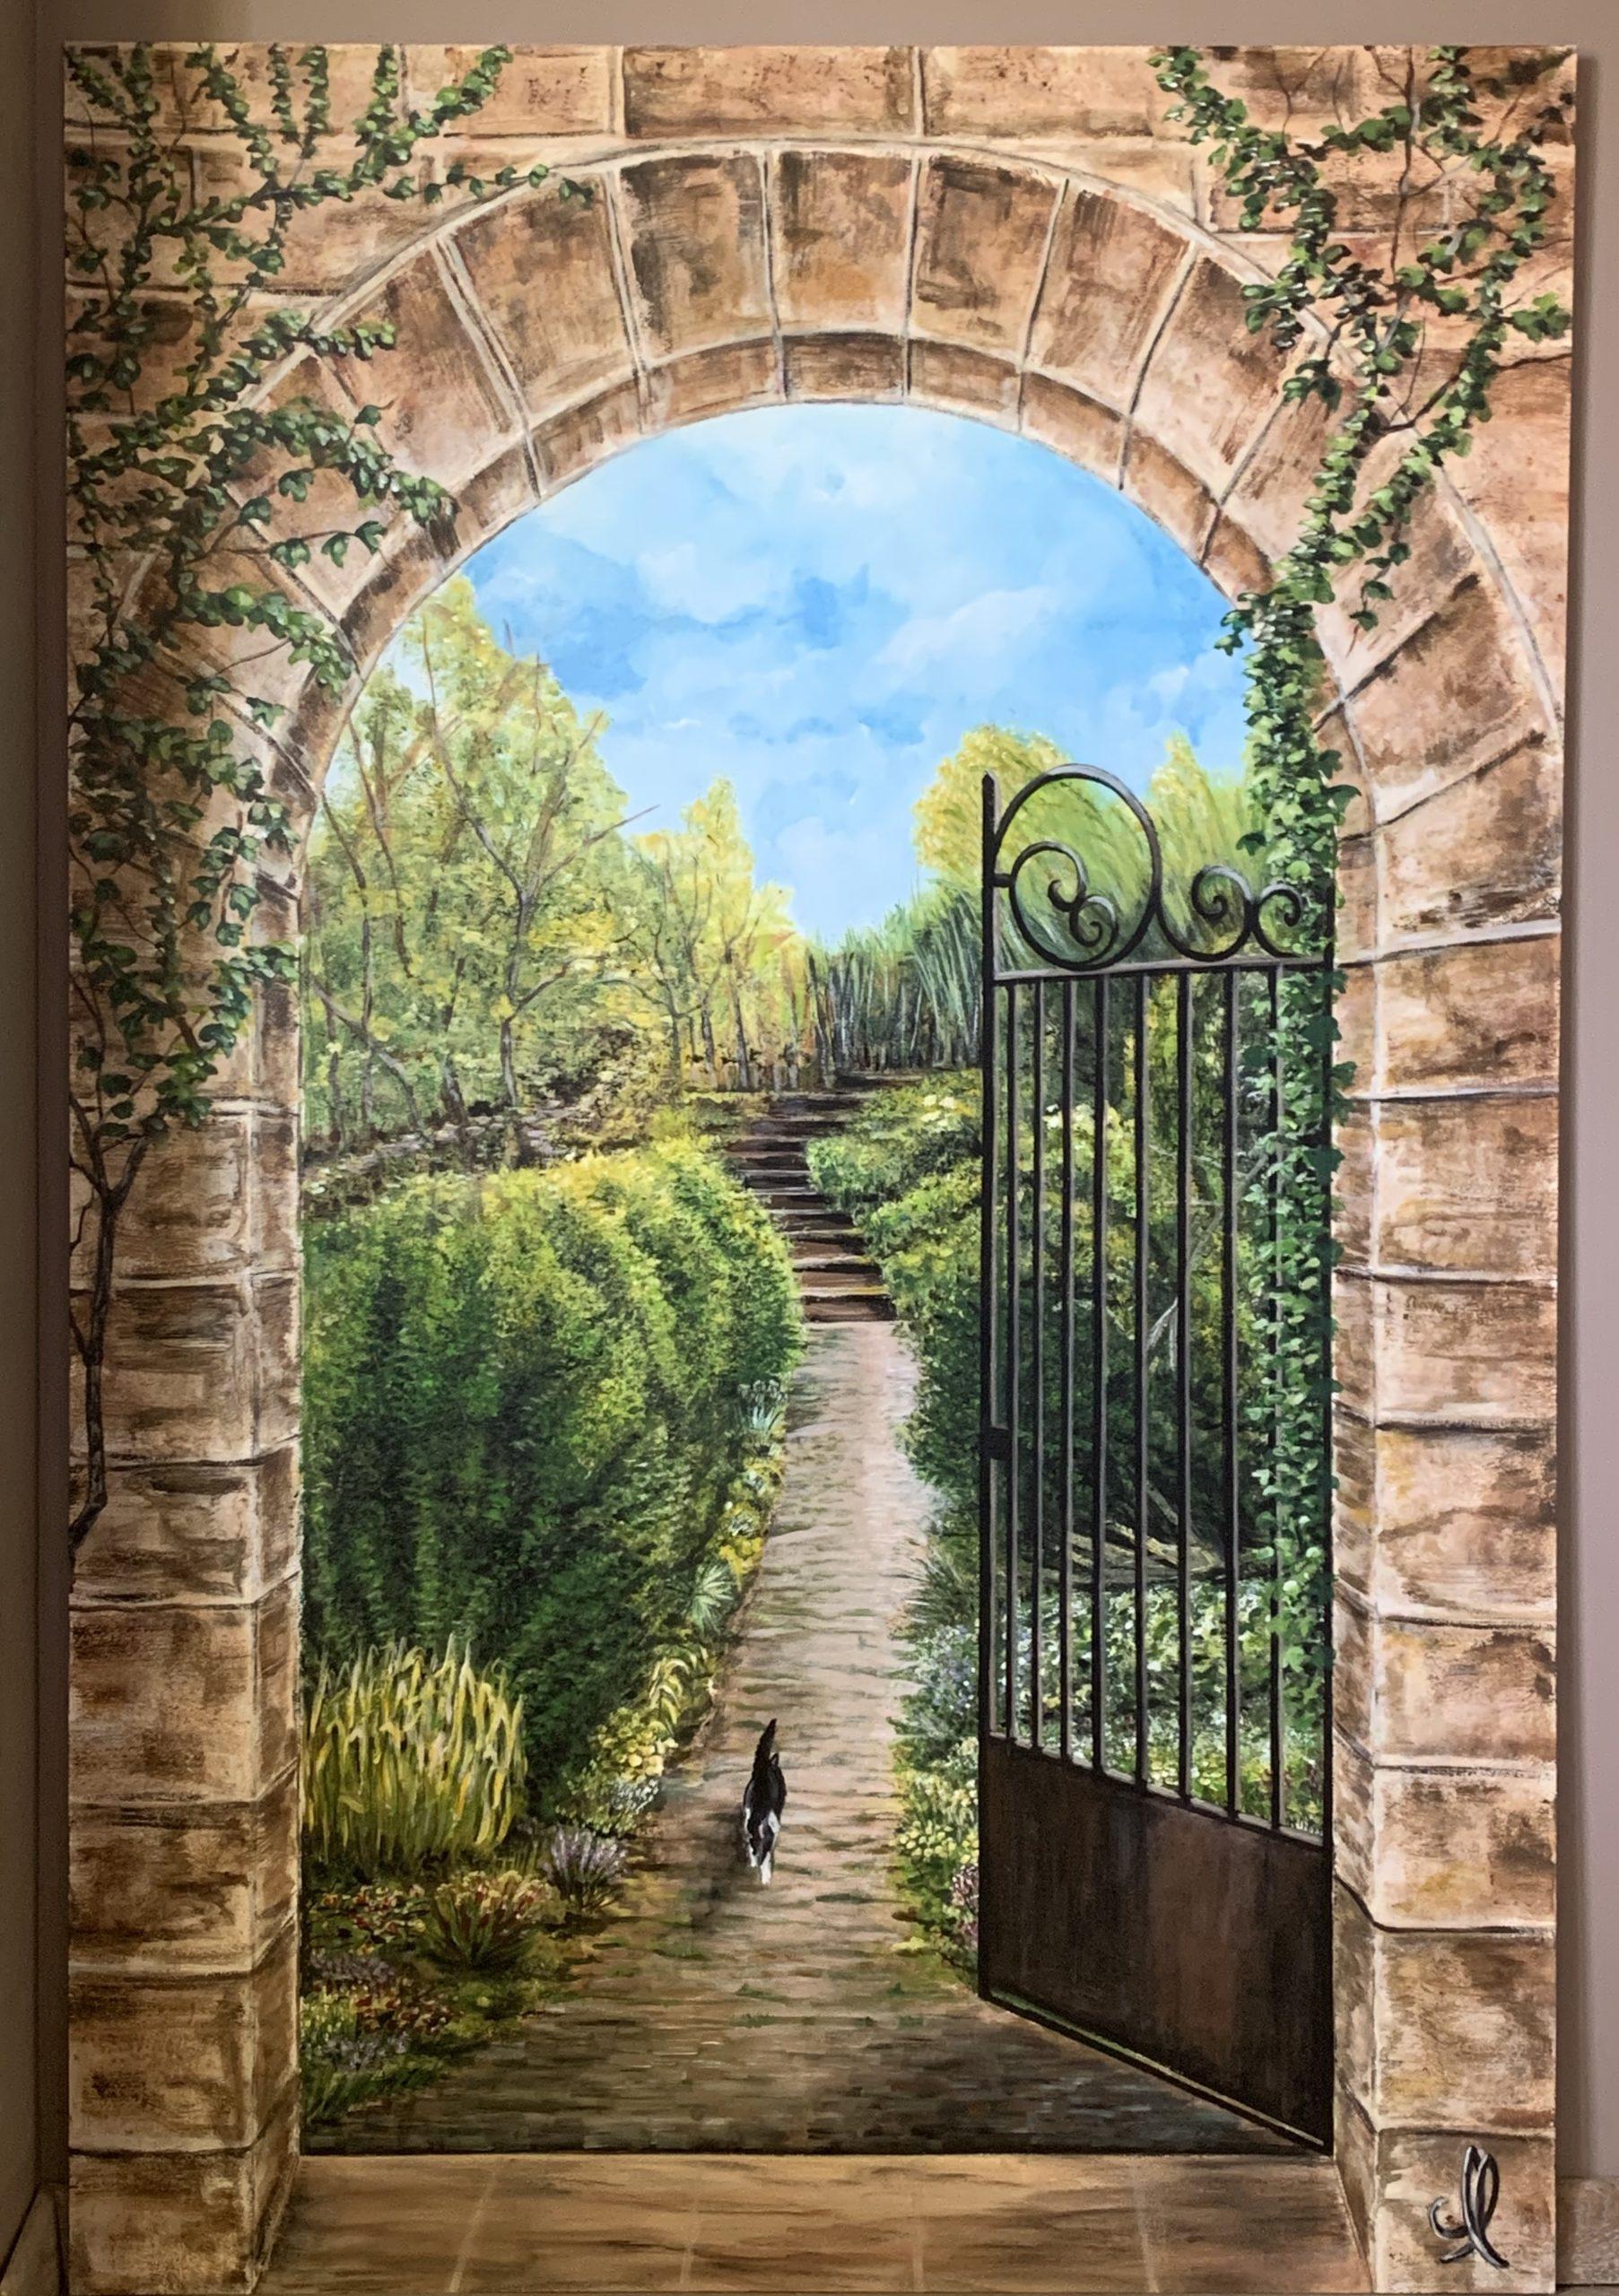 Trompe l'oeil grille s'ouvrant sur le jardin - Acrylique sur panneau de bois L90xH135